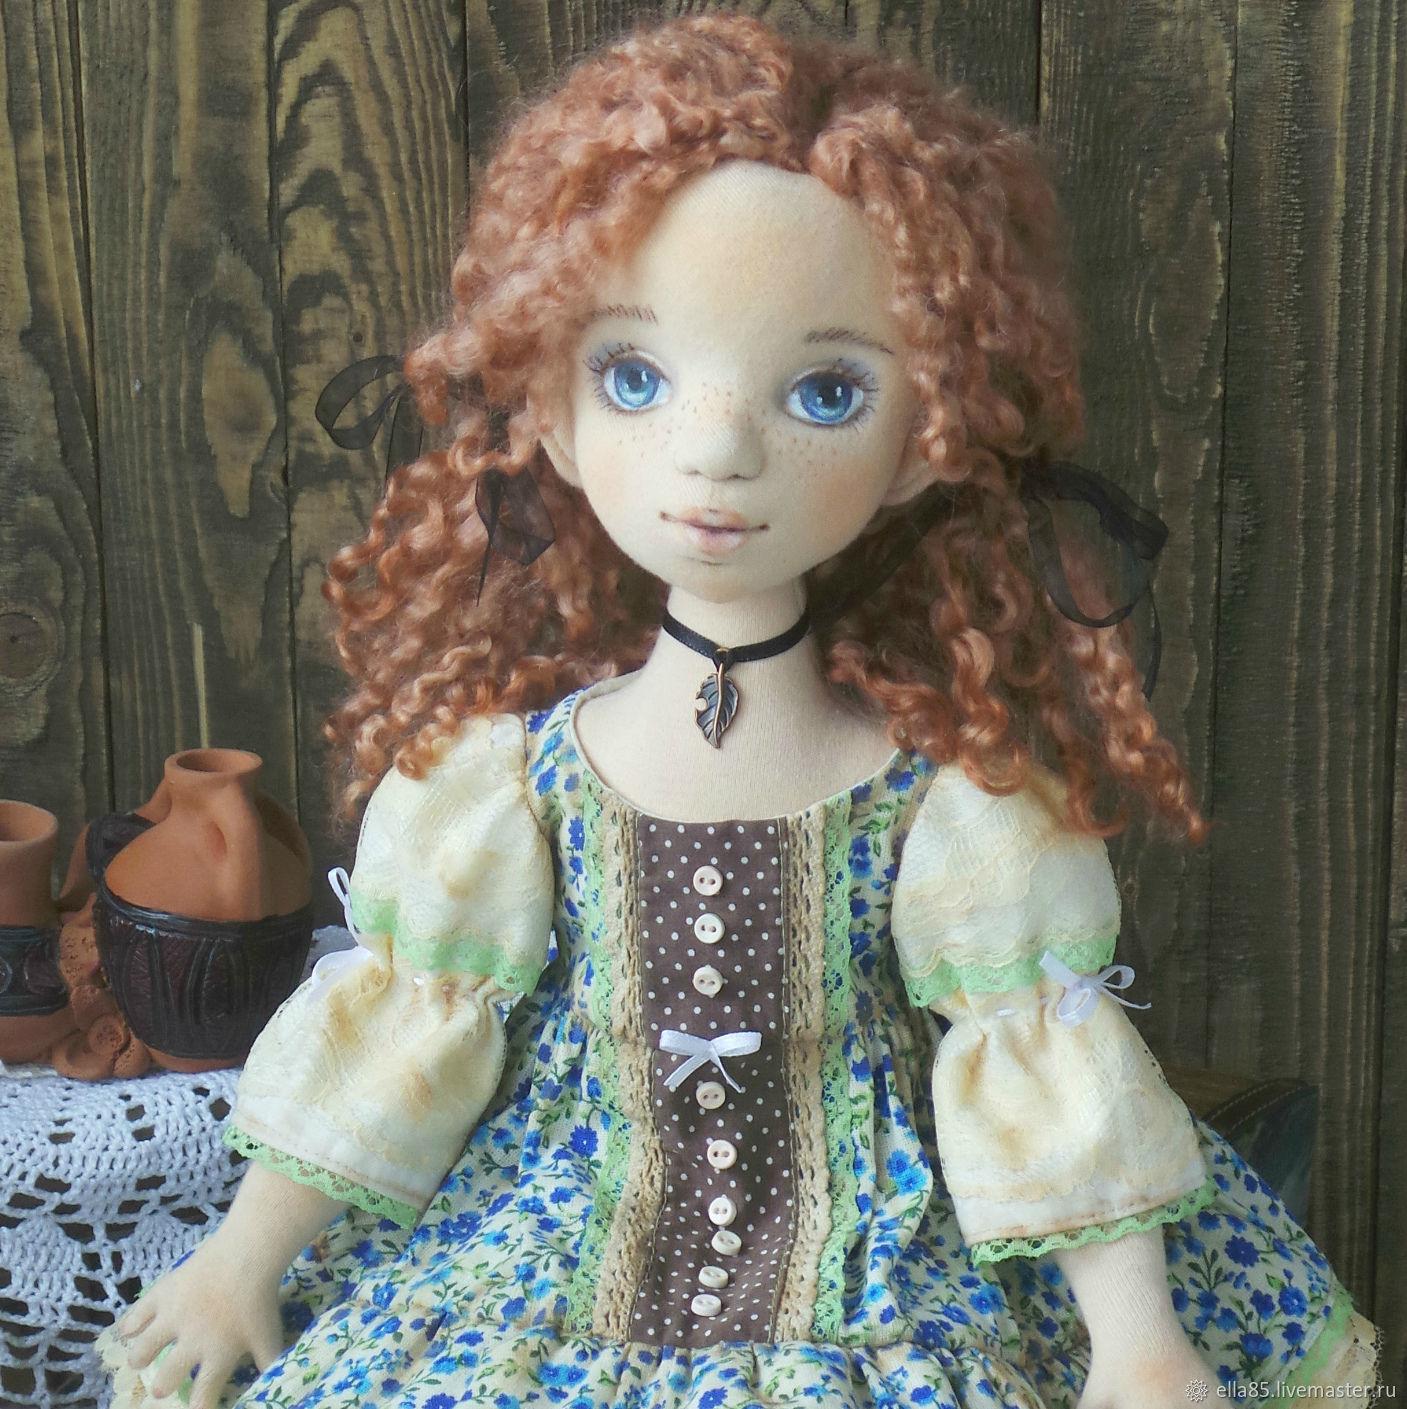 Коллекционные куклы ручной работы. Ярмарка Мастеров - ручная работа. Купить Текстильная кукла Варенька. Handmade. Текстильная кукла, хлопок